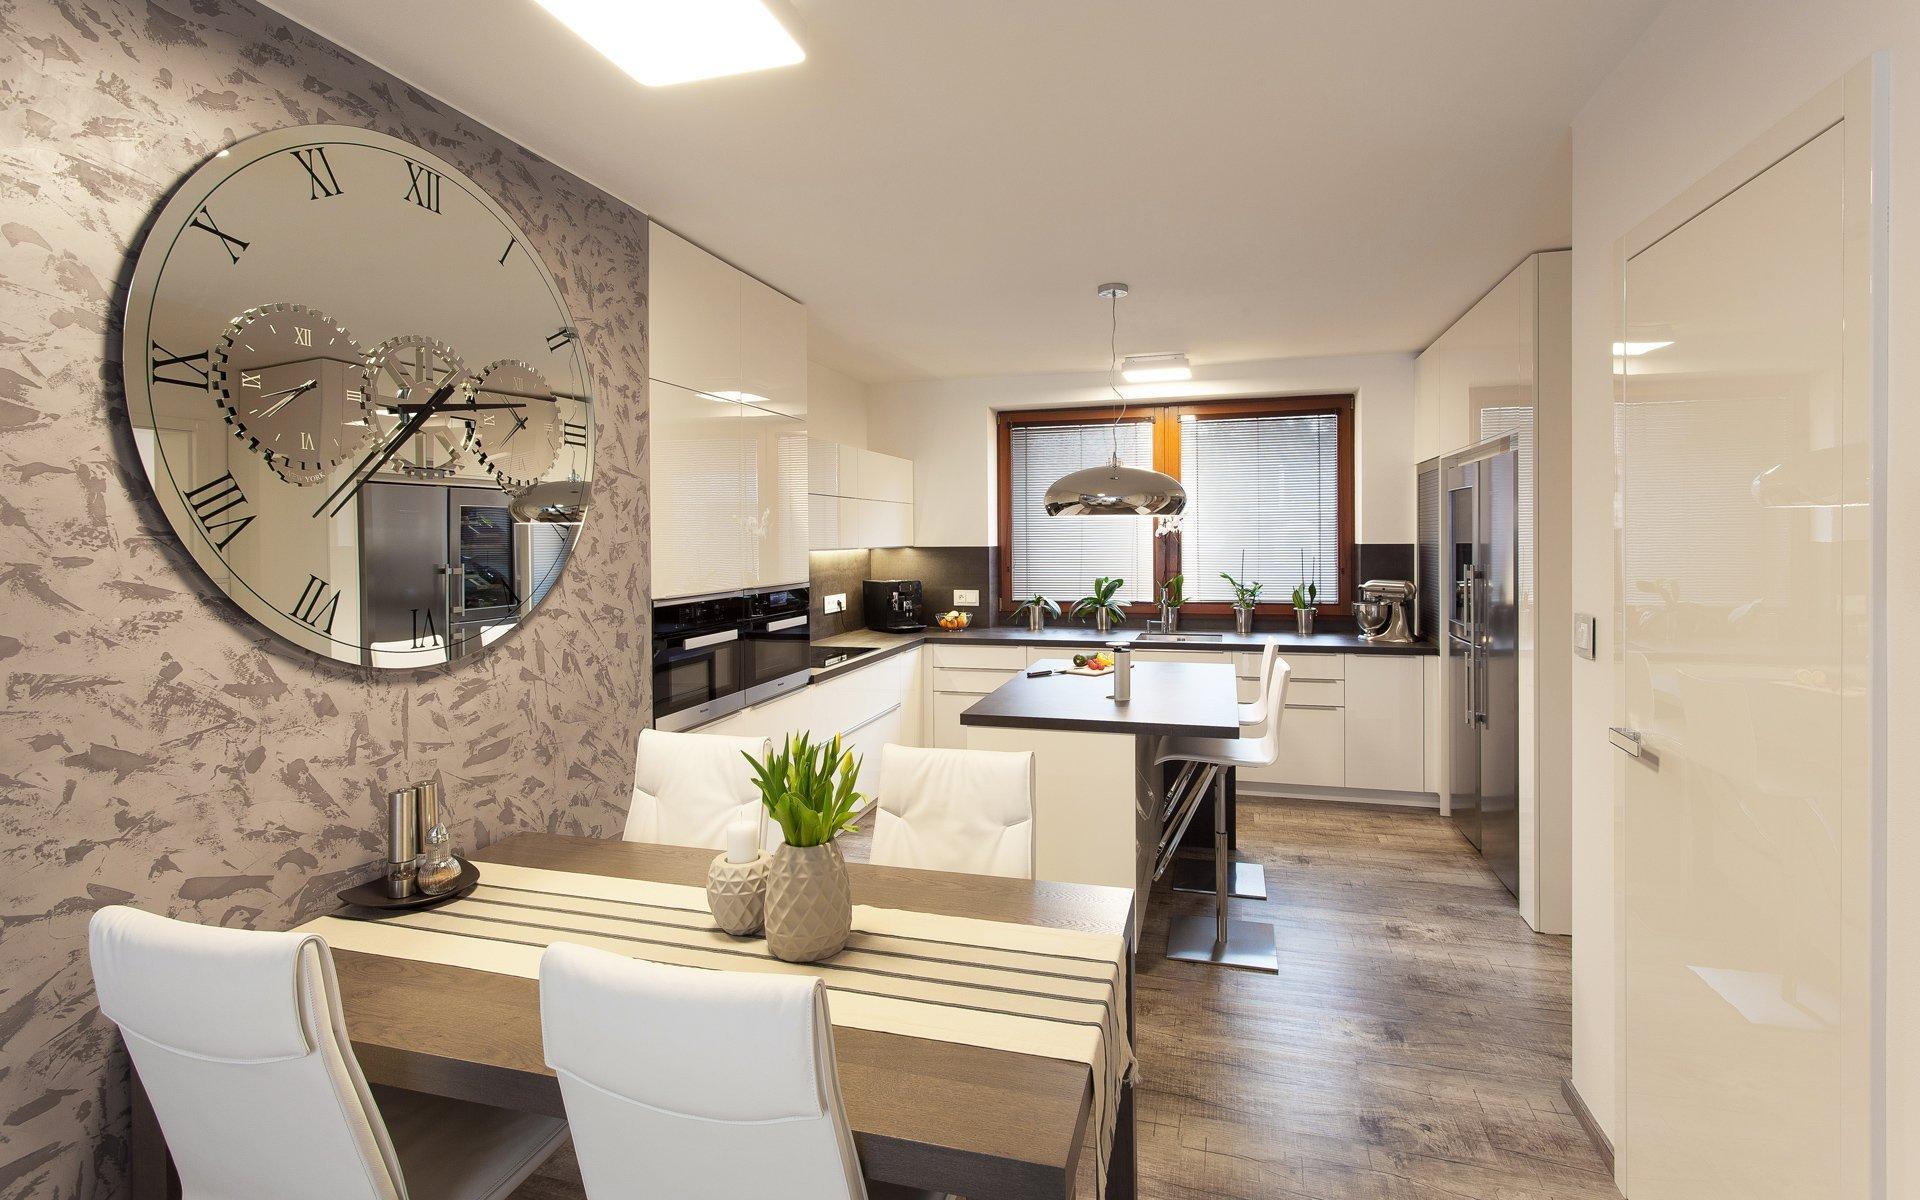 Rádi bychom vám představili jedinečnou realizaci dvougeneračního rodinného domu, který byl rekonstruován a kompletně nově vybaven nábytkem a dveřmi HANÁK.…